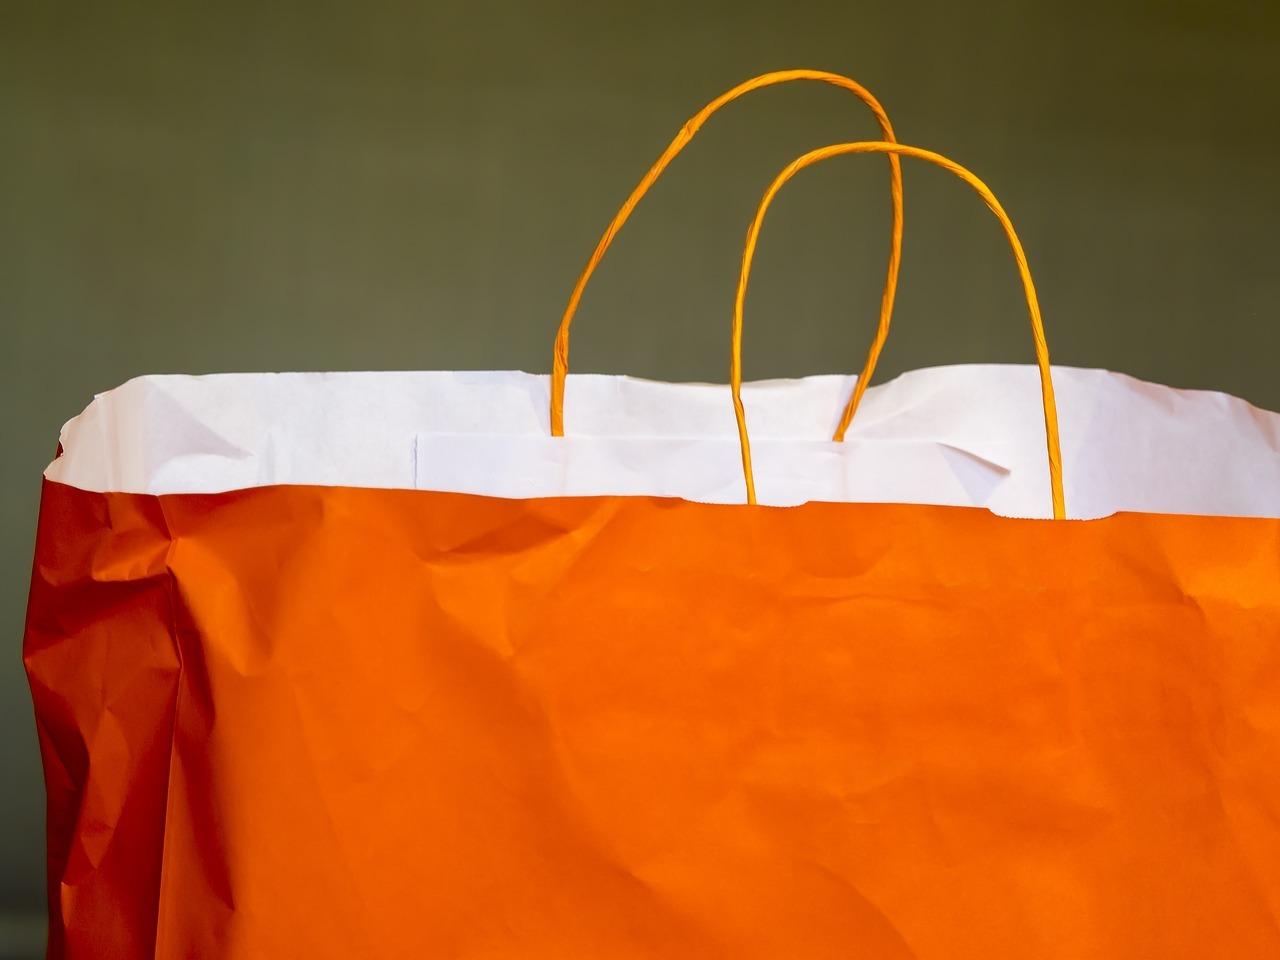 Kurzlebig und ein hoher Energie- und Wasserverbrauch bei der Herstellung – Papiertüten sind keine gute Alternative zu Plastik.